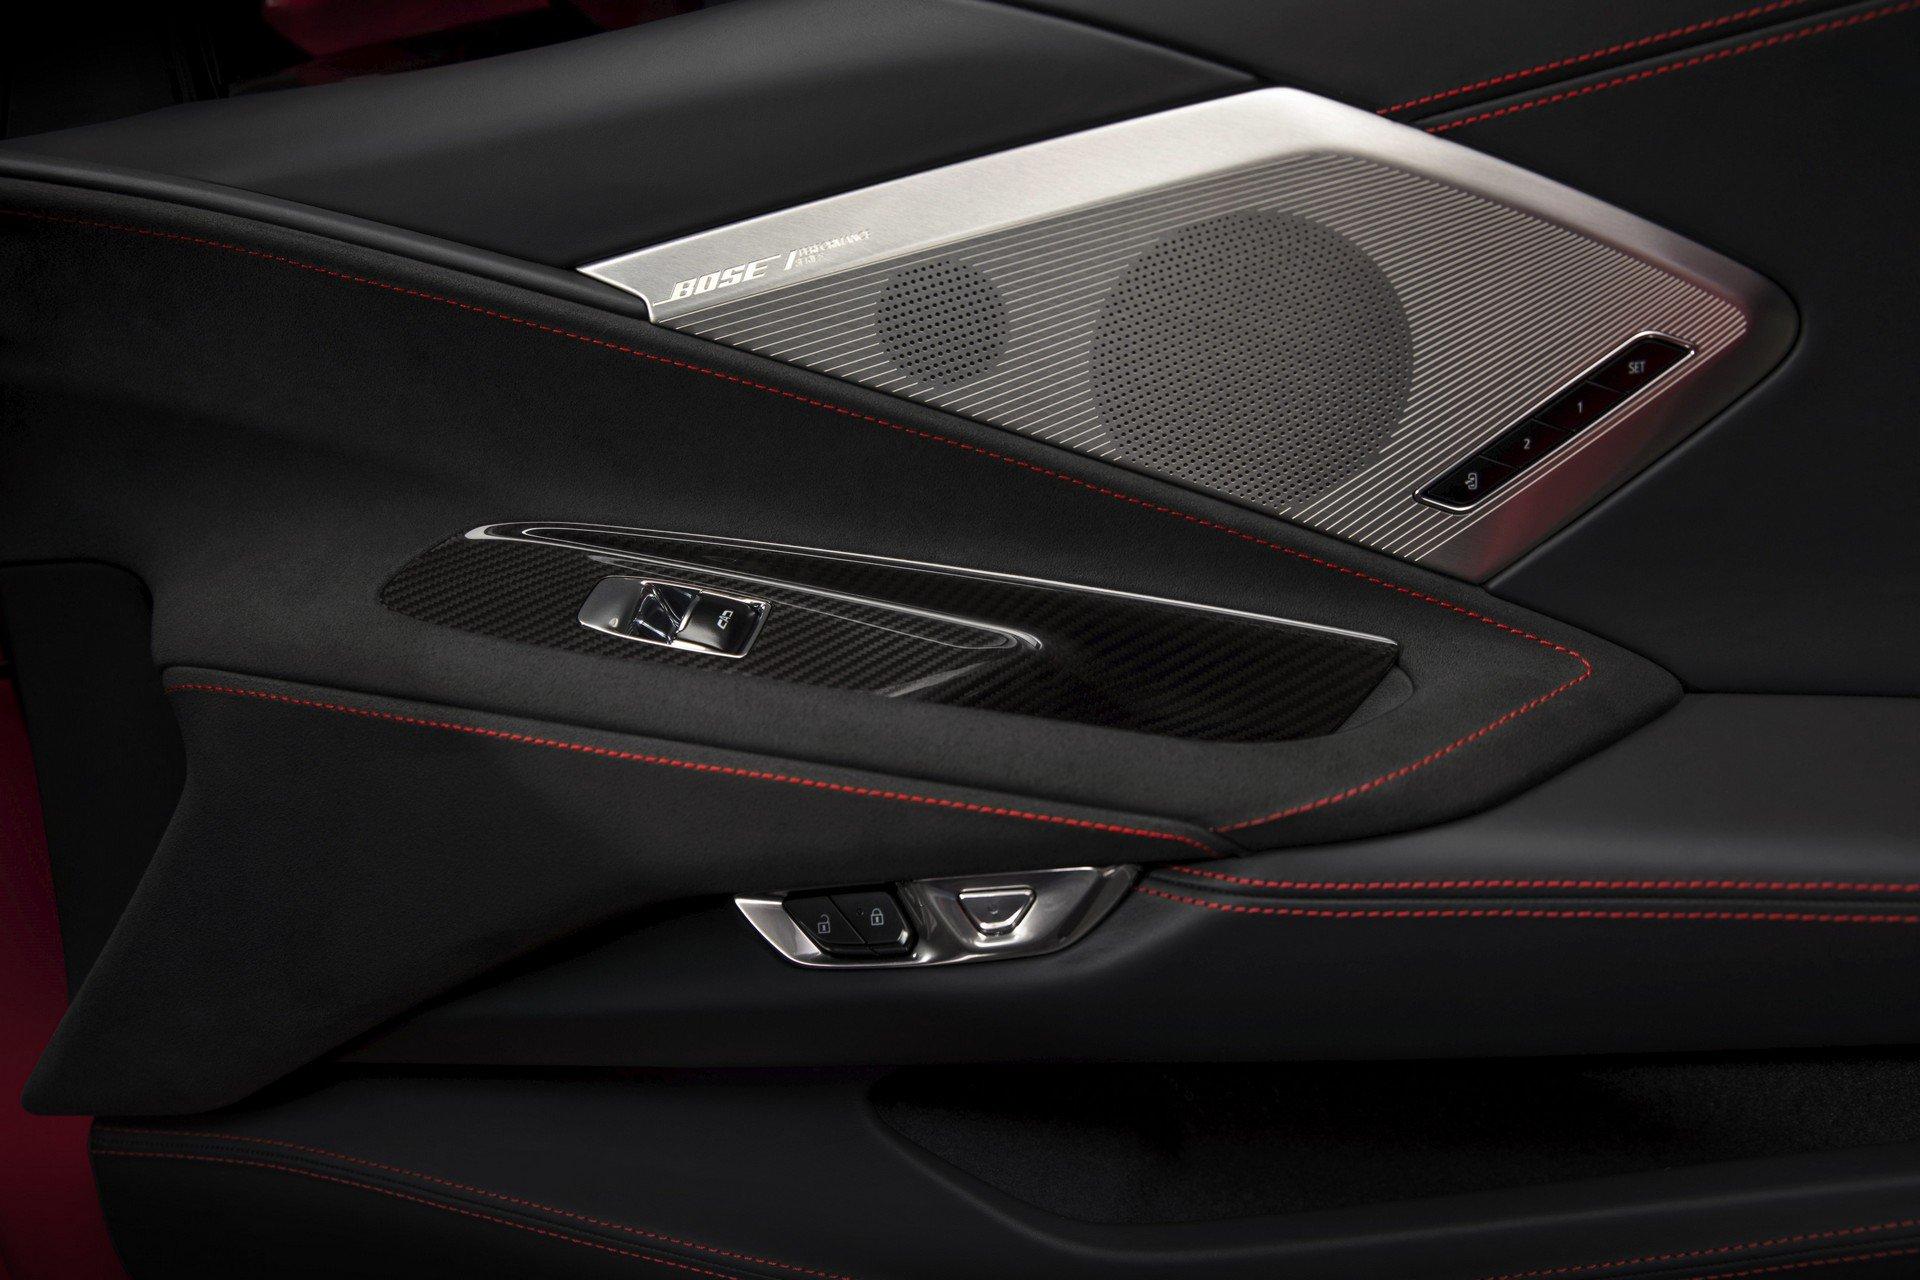 Chevrolet ra mắt Corvette C8 thế hệ mới thiết kế táo bạo, động cơ đặt giữa - 28